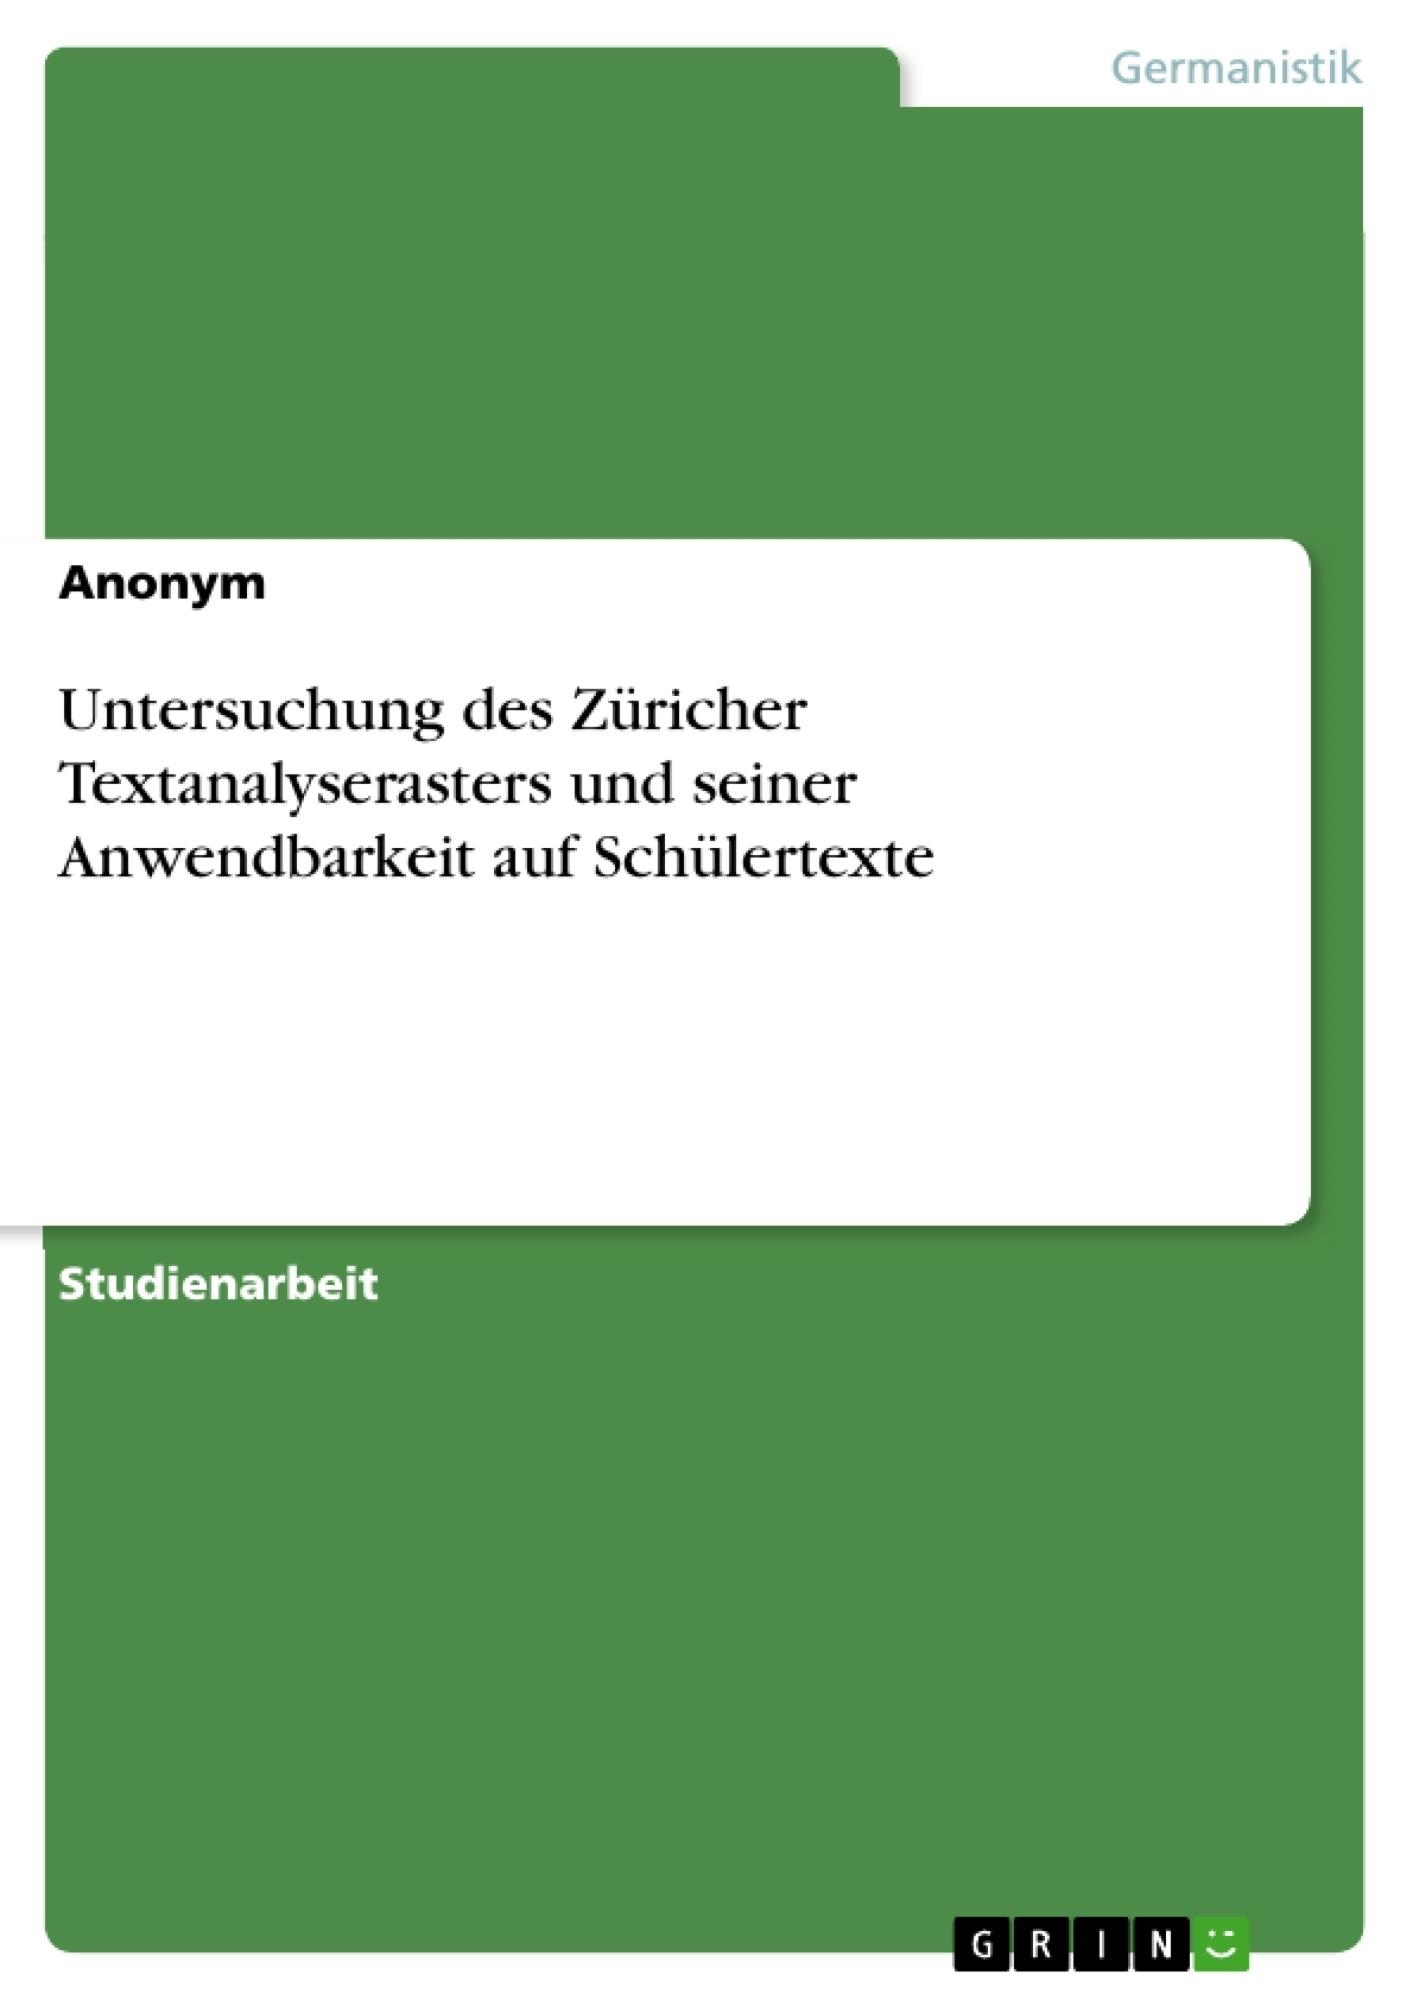 Titel: Untersuchung des Züricher Textanalyserasters und seiner Anwendbarkeit auf Schülertexte